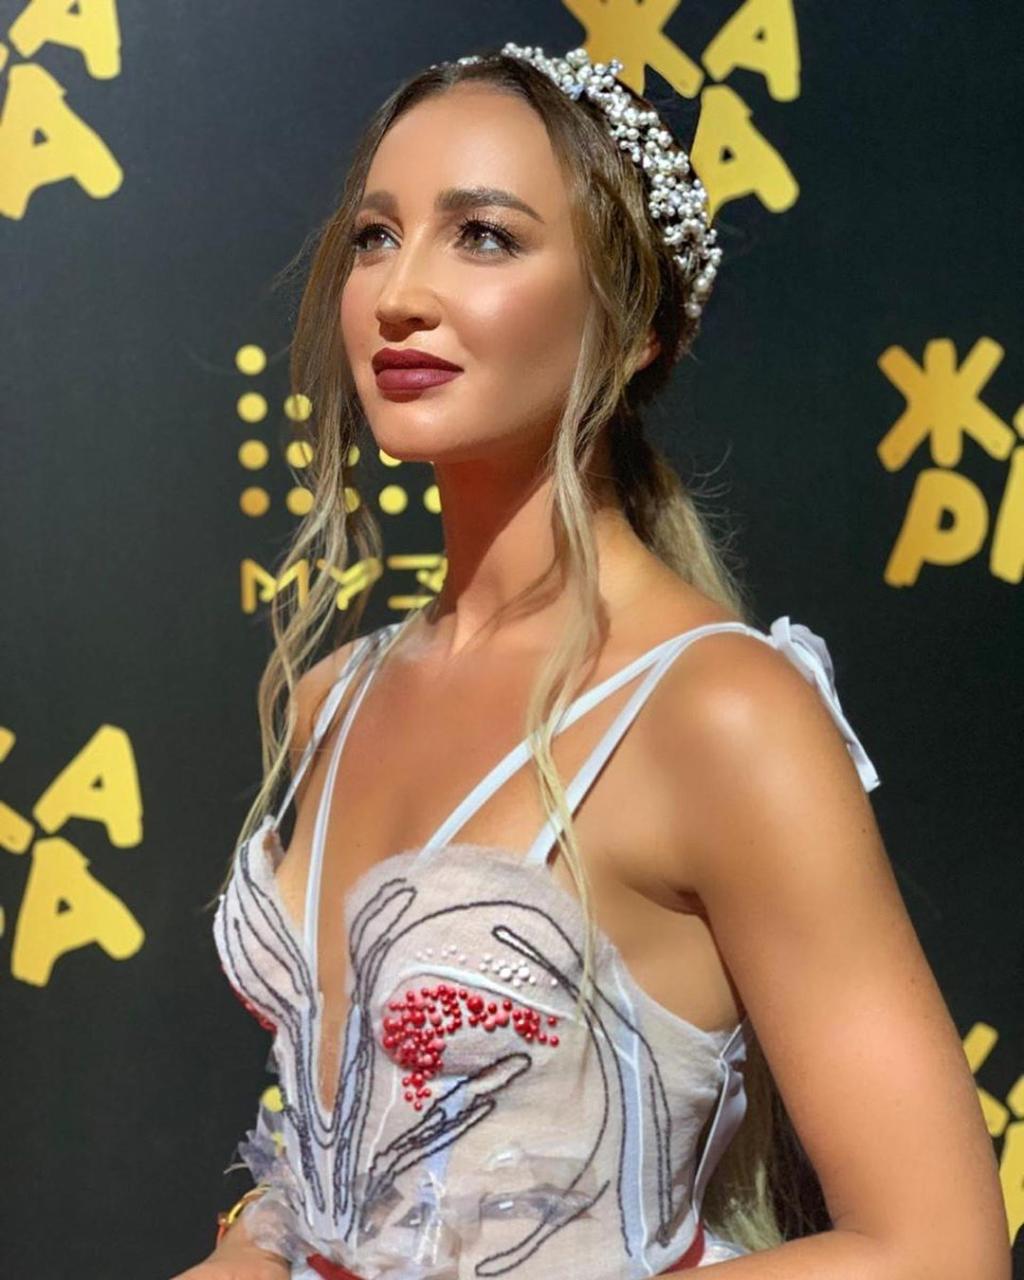 Поцелуи из Баку: Ольга Бузова продолжает восхищать фанатов